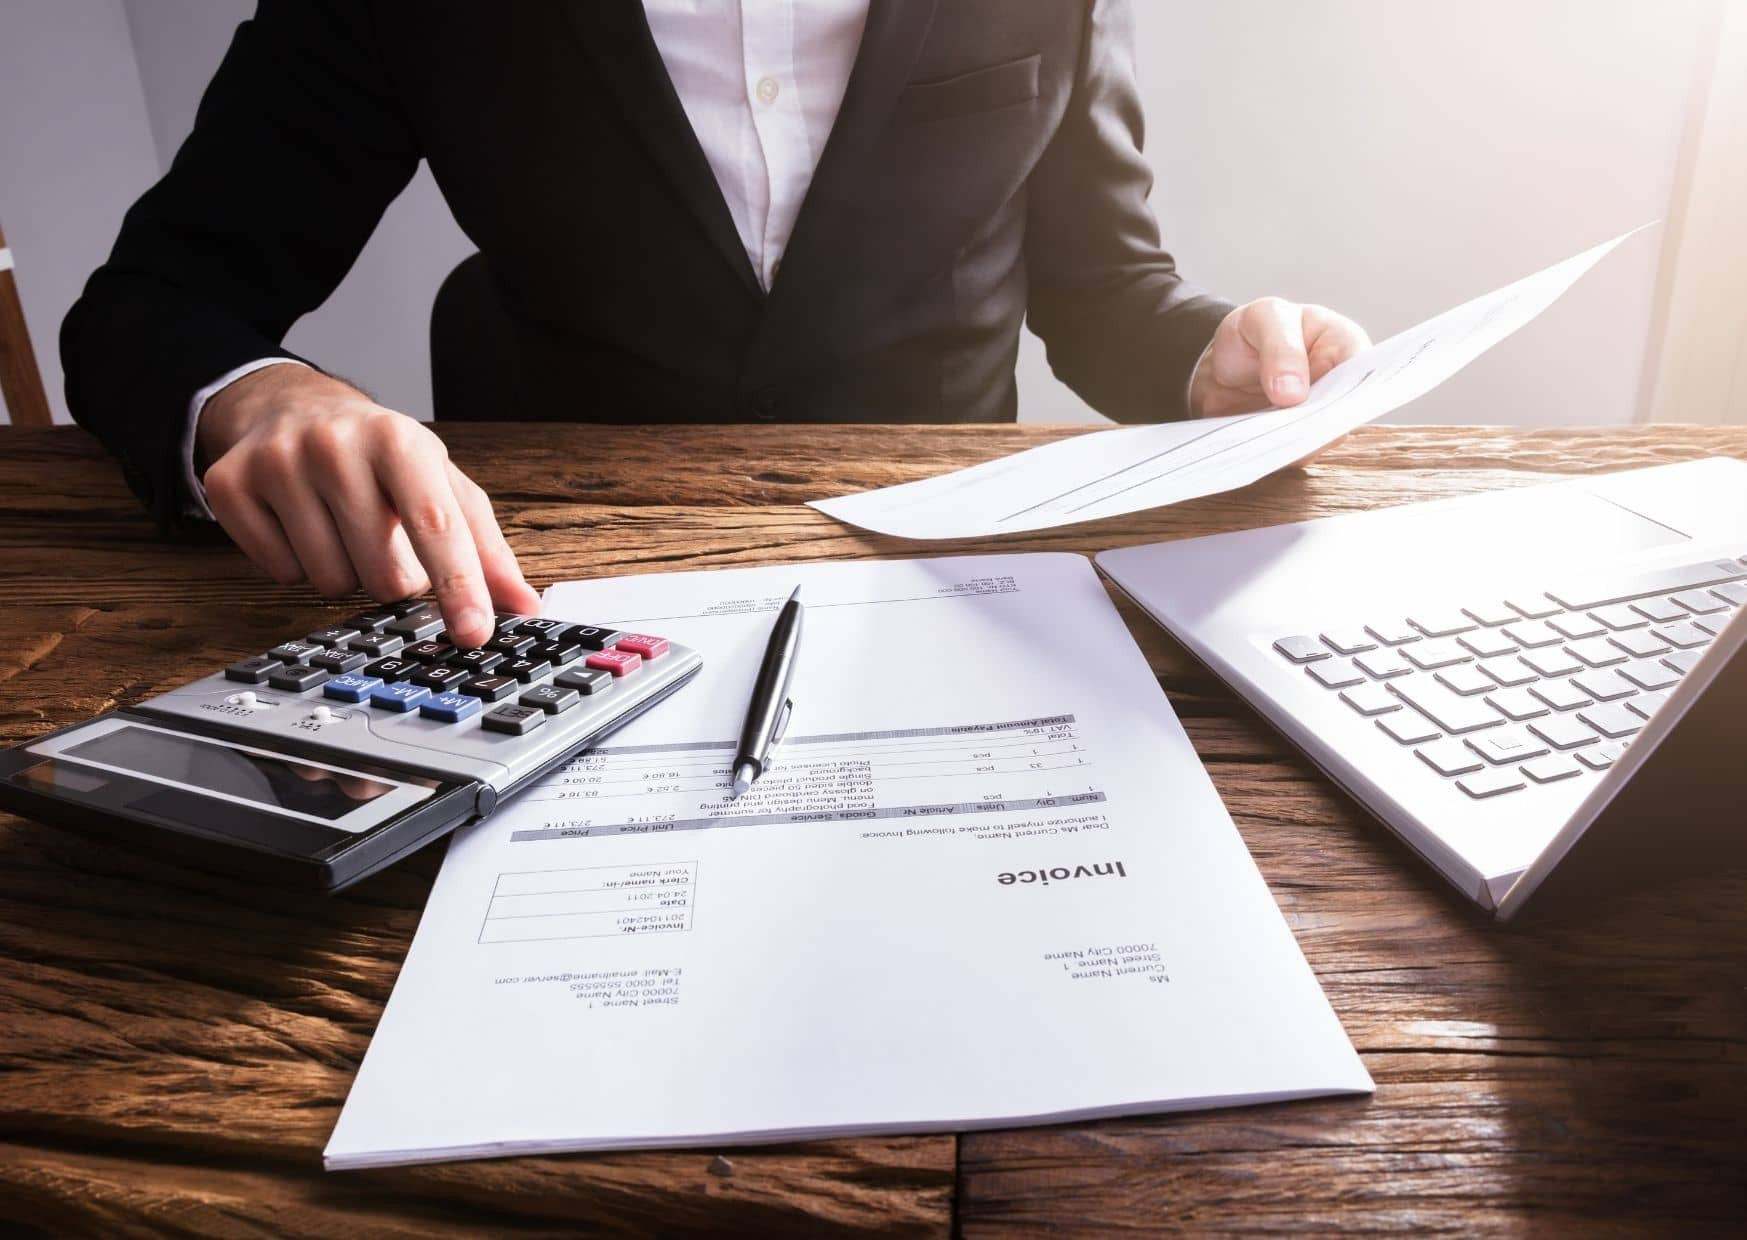 Hoe wanbetalers aanpakken als onderneming?